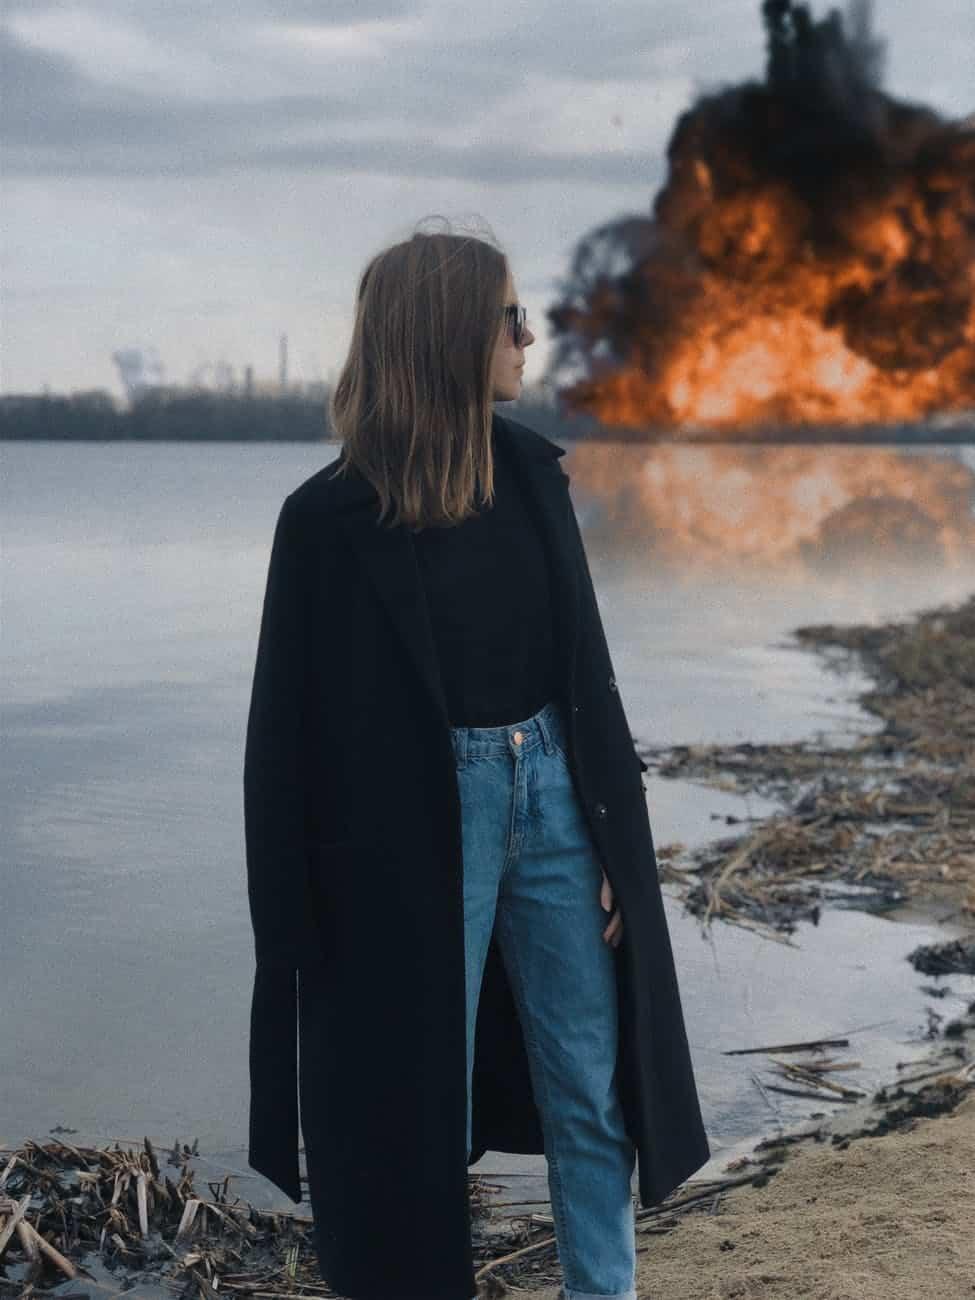 woman in black coat standing near body of water